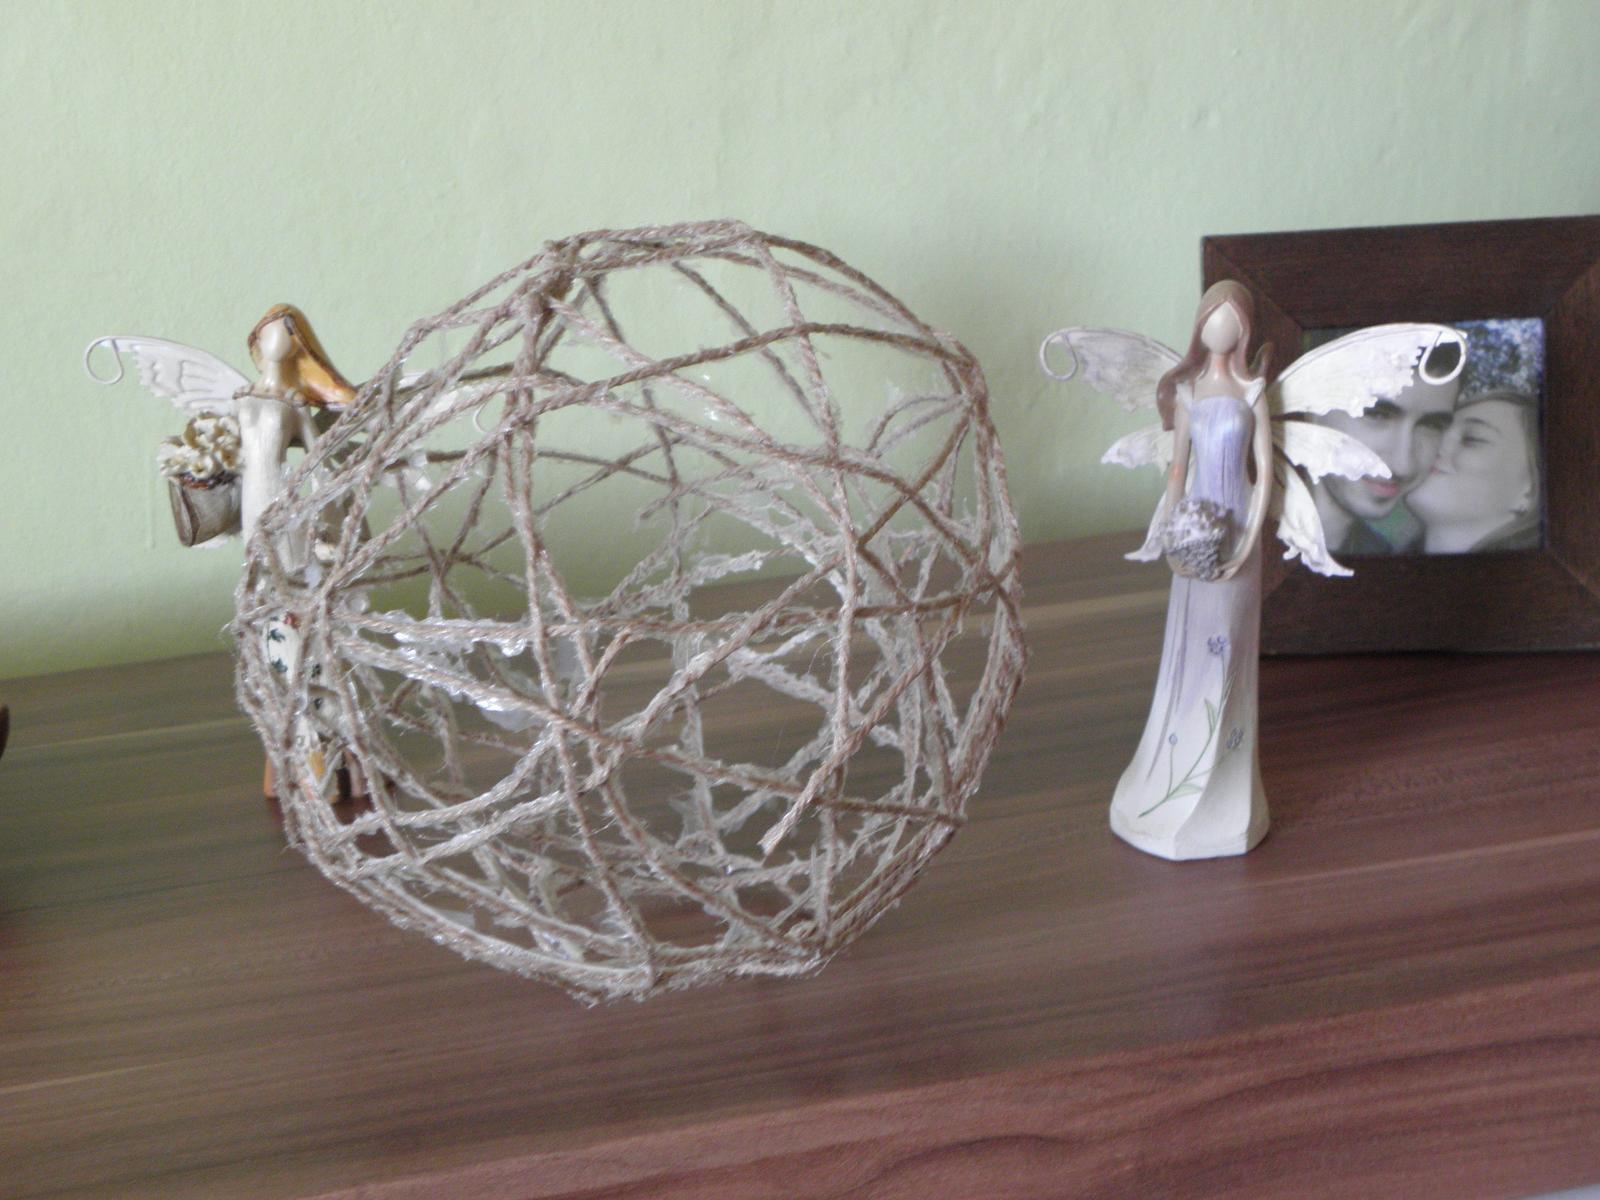 Selská svatba + Má tvorba - První koule z přírodního lýka.. Noooo, není dokonalá, ale až bude viset, to bude teprve efekt..